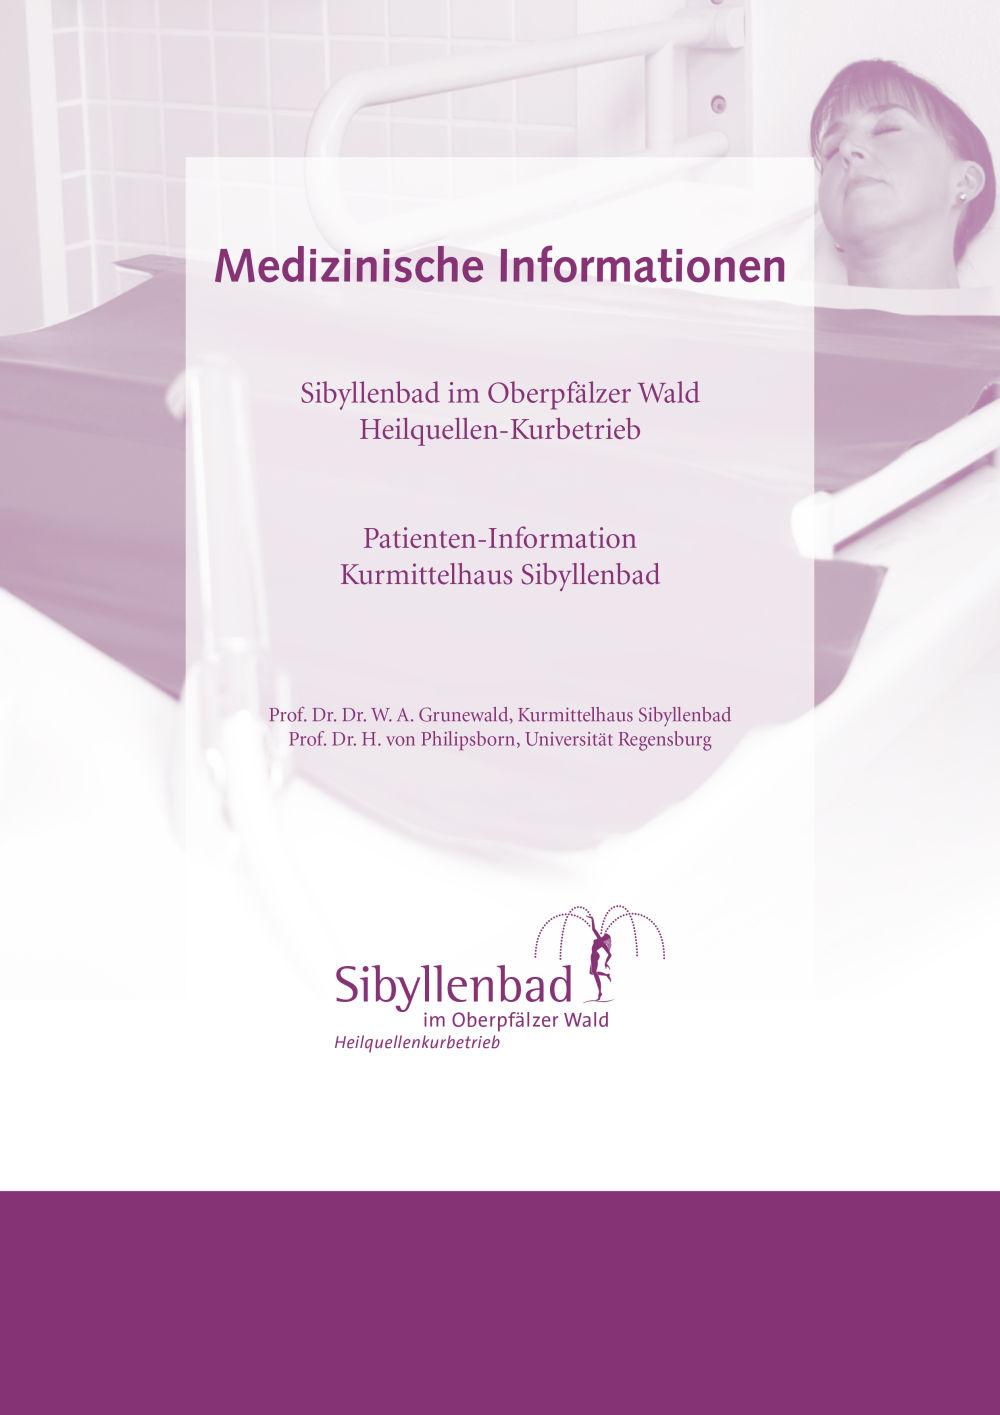 Medizinische-Informationen-1